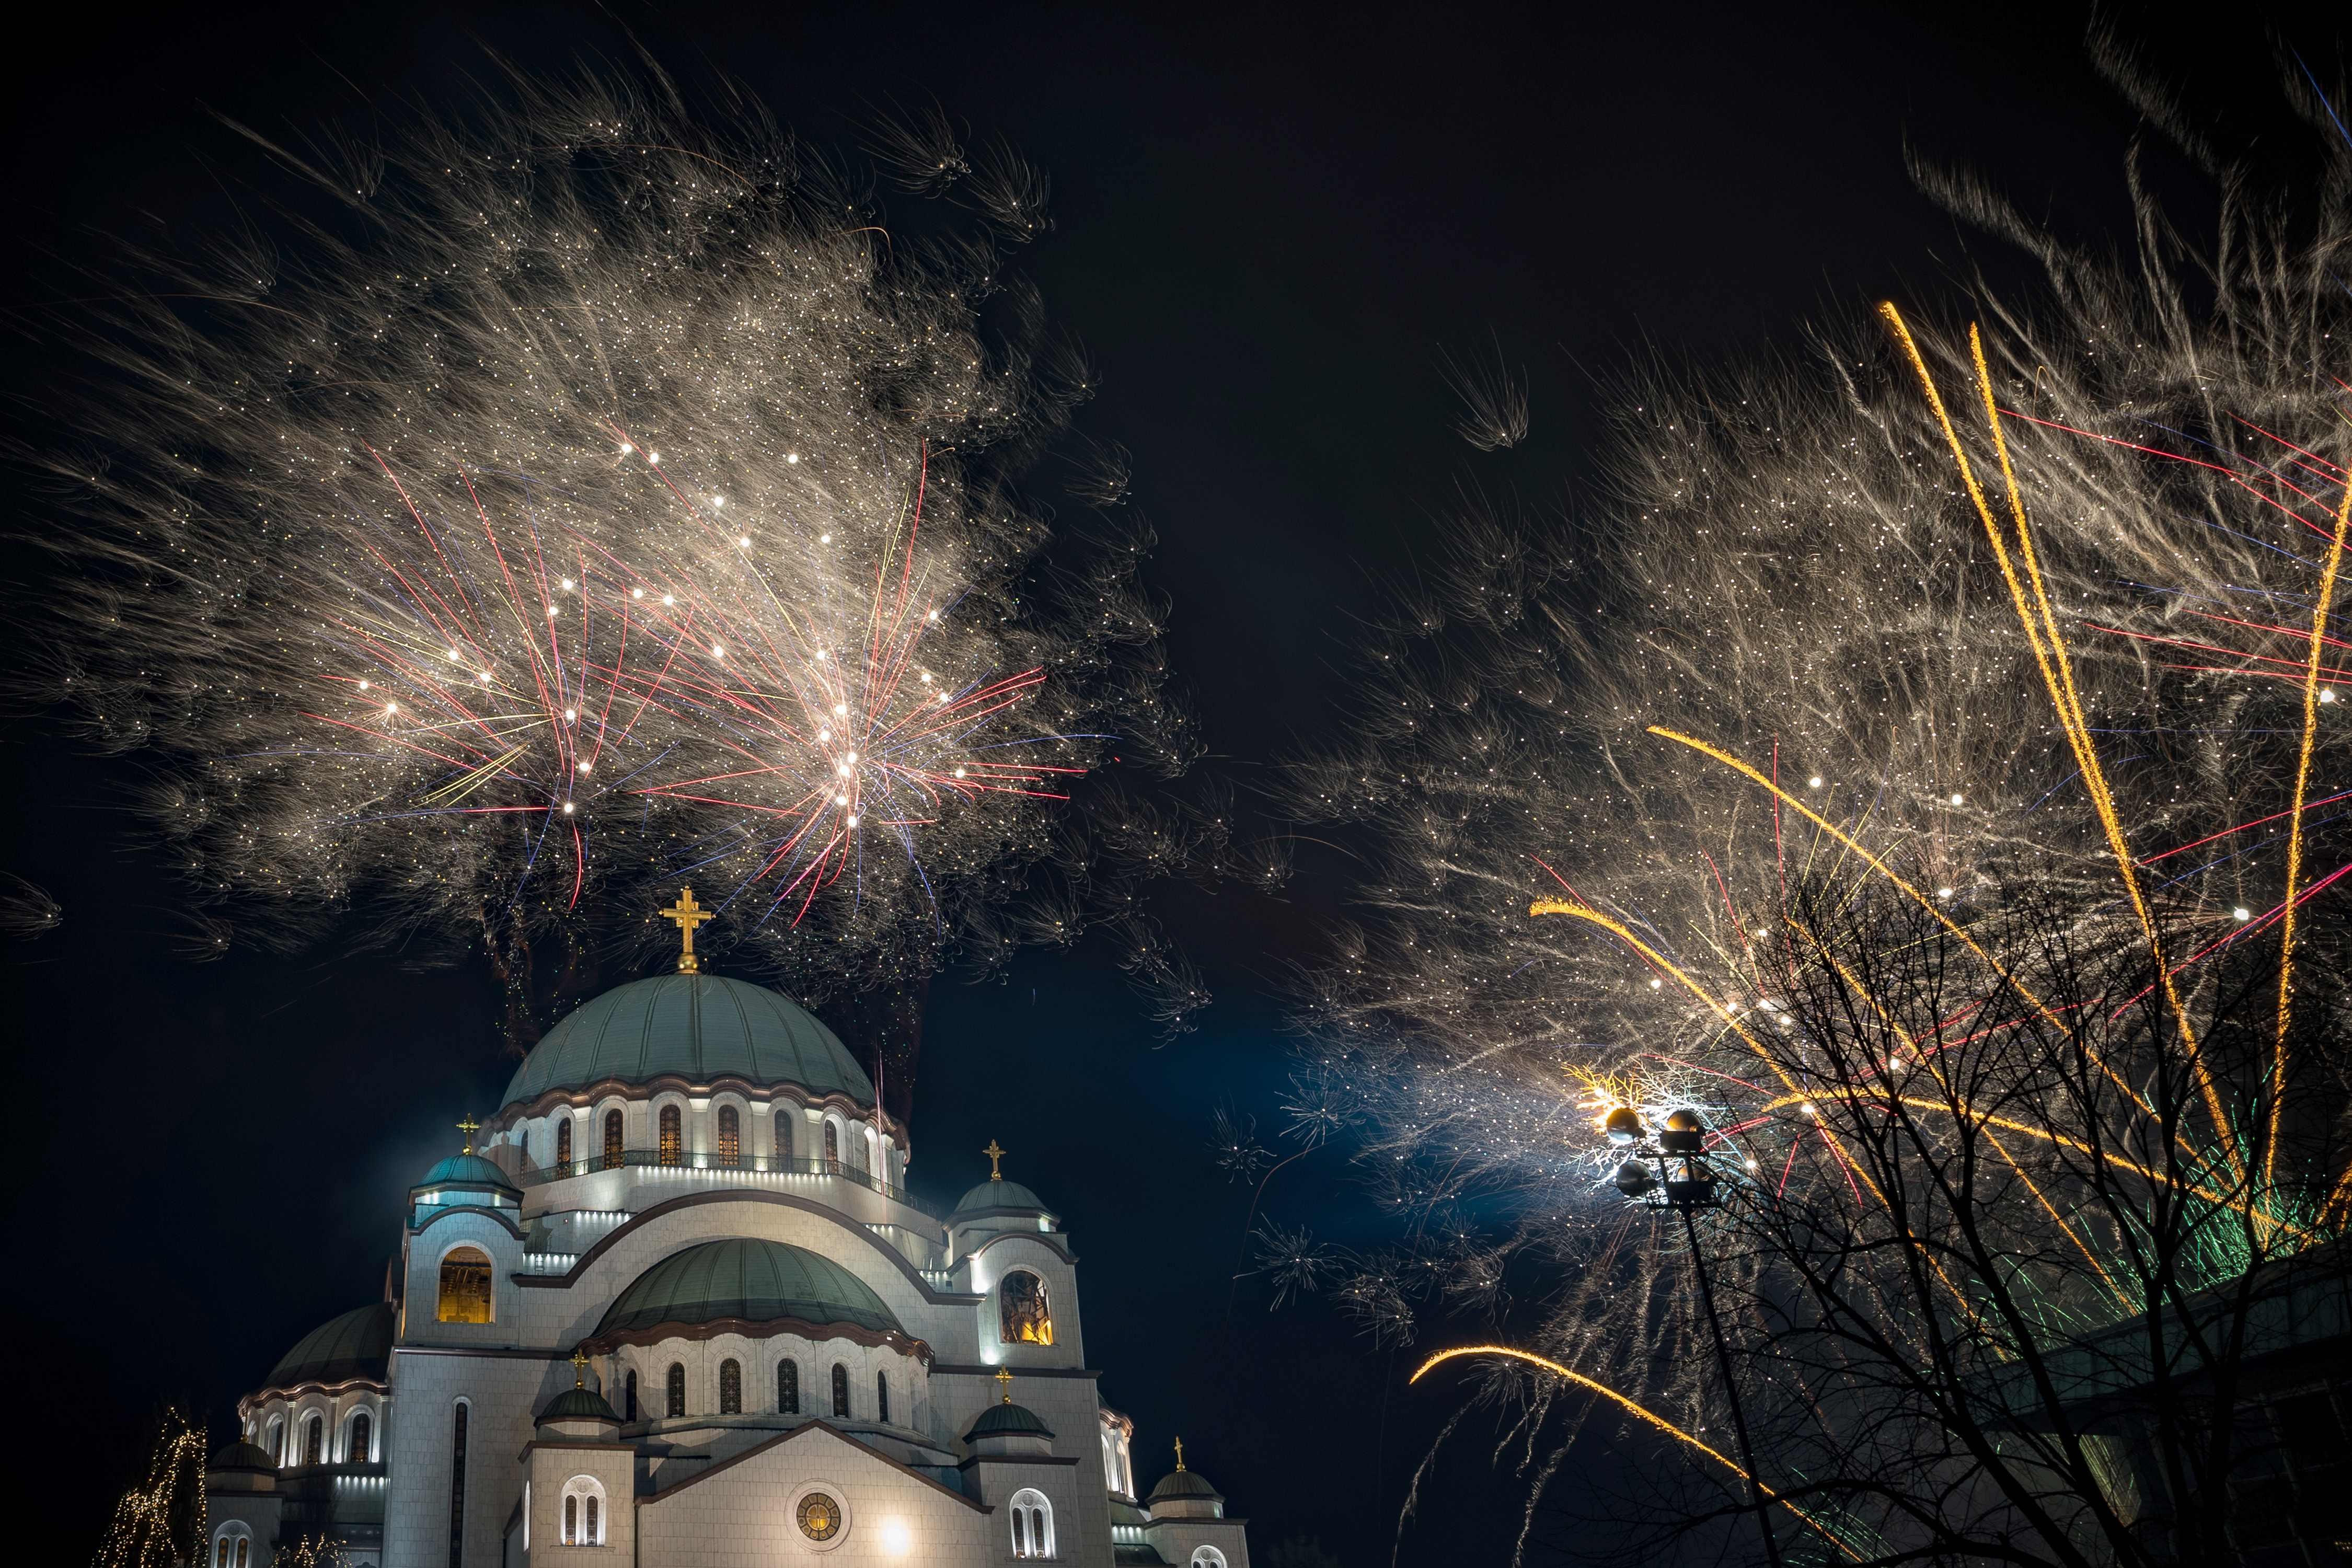 احتفالات فى بلغراد بمناسبة السنة الأرثوذكسية الجديدة